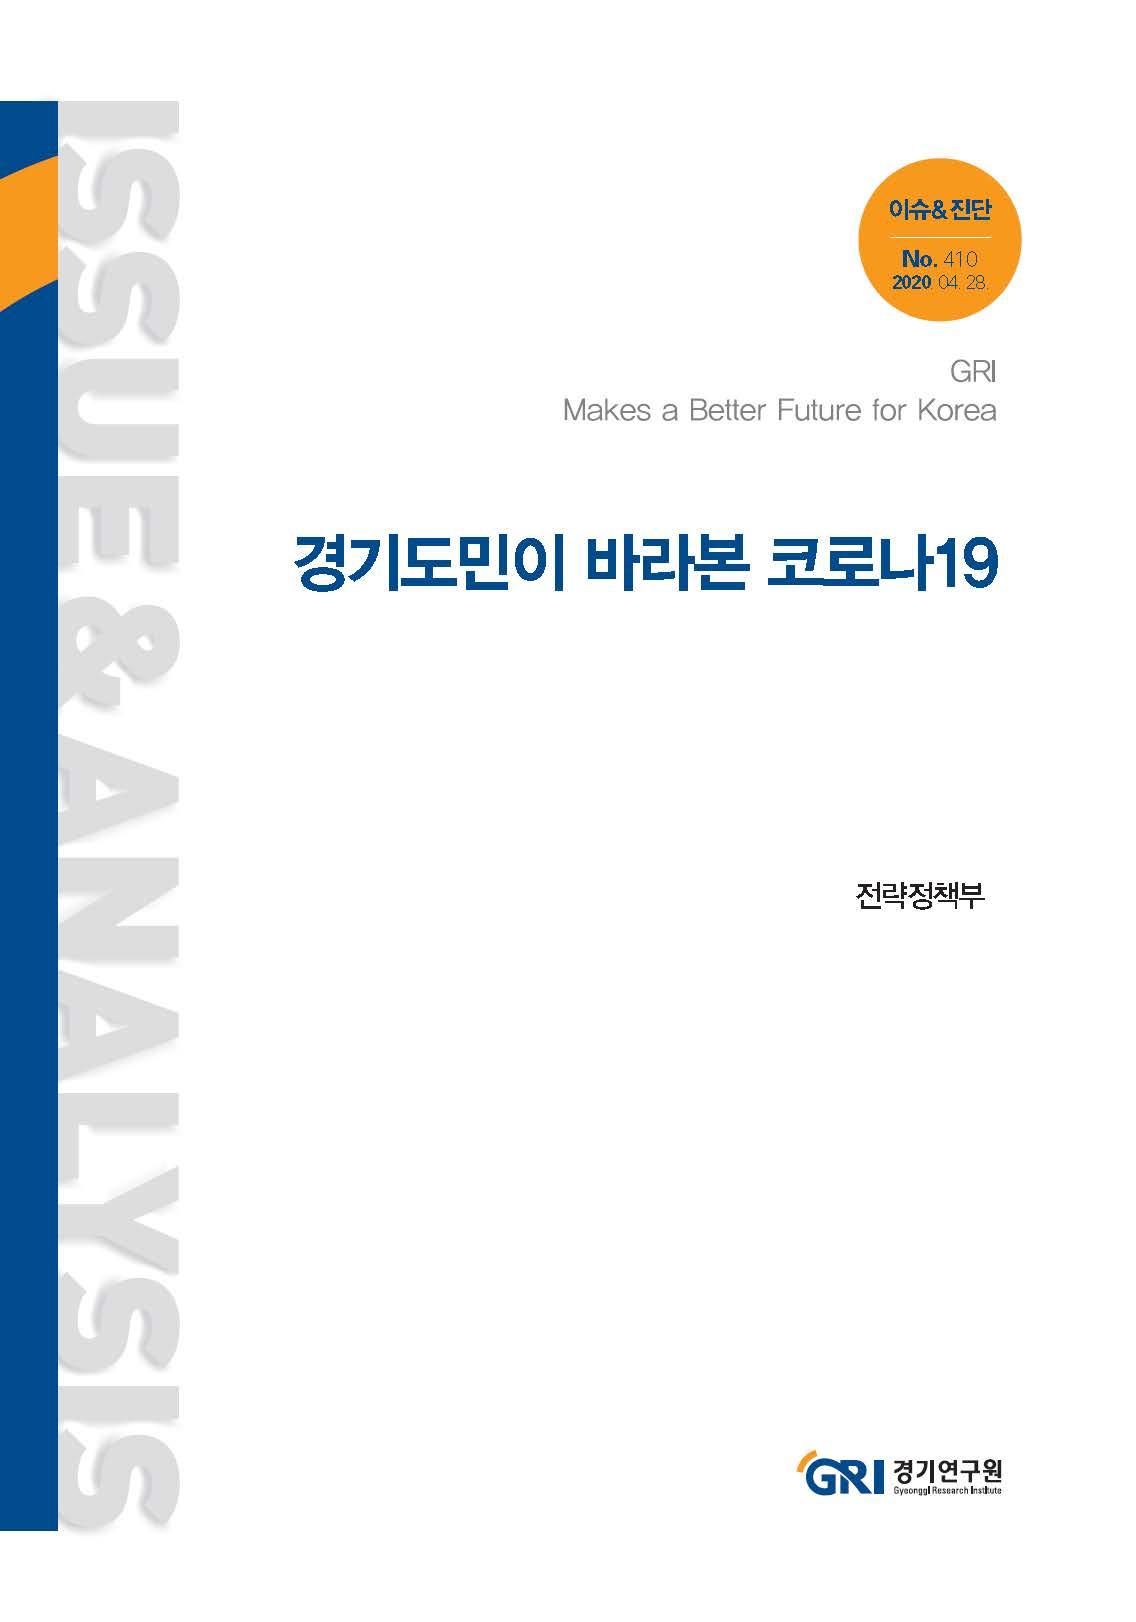 경기도민이 바라본 코로나19